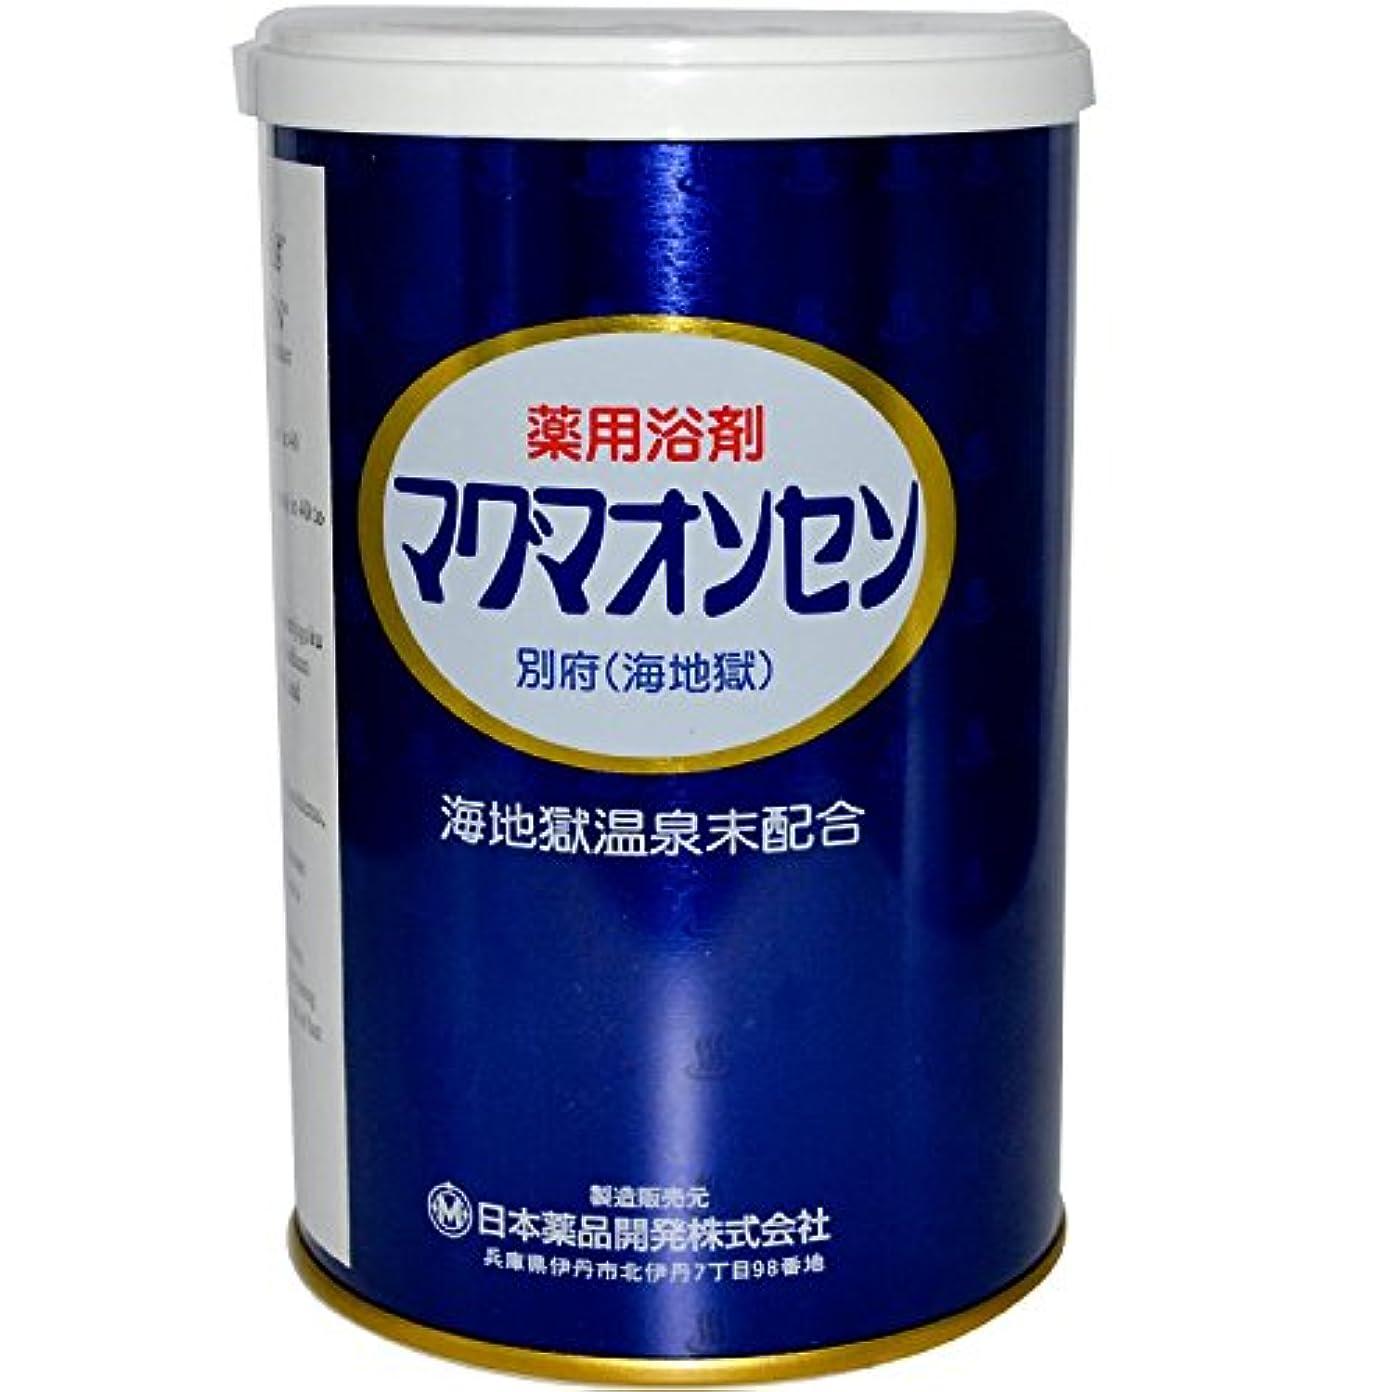 はいセレナ湿気の多いマグマオンセン別府(海地獄) 500g三缶